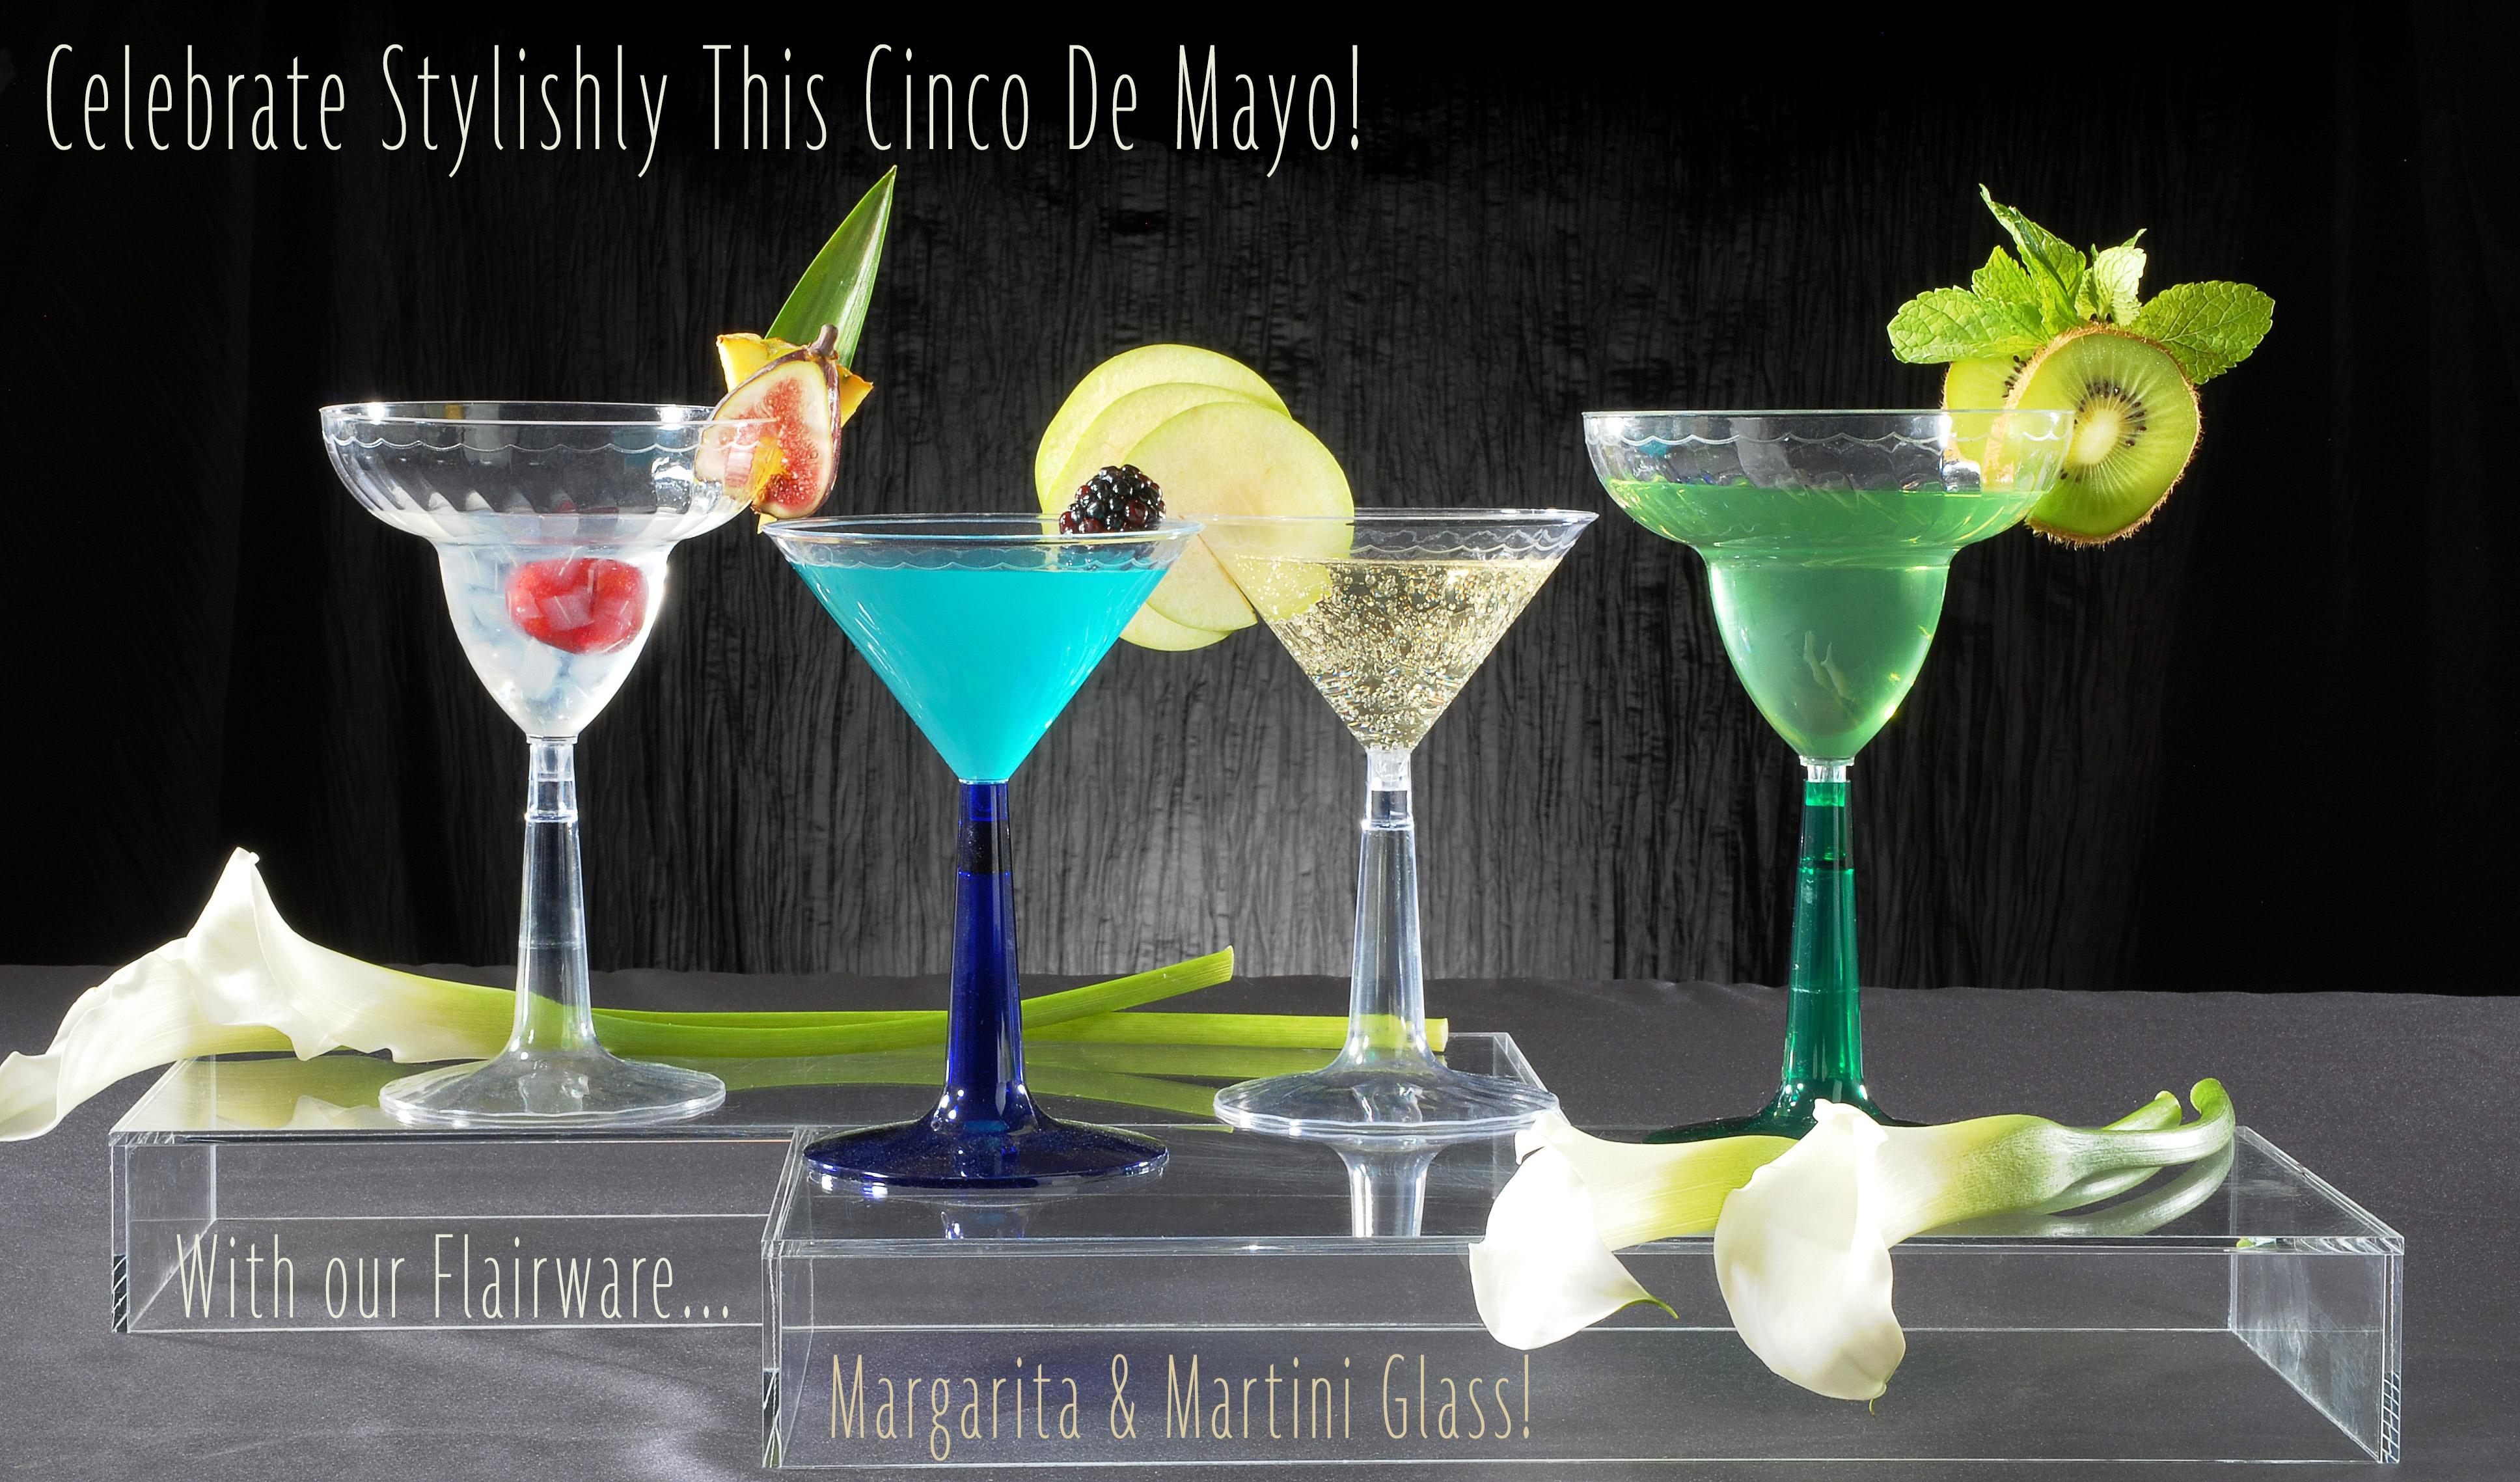 margarita_glass